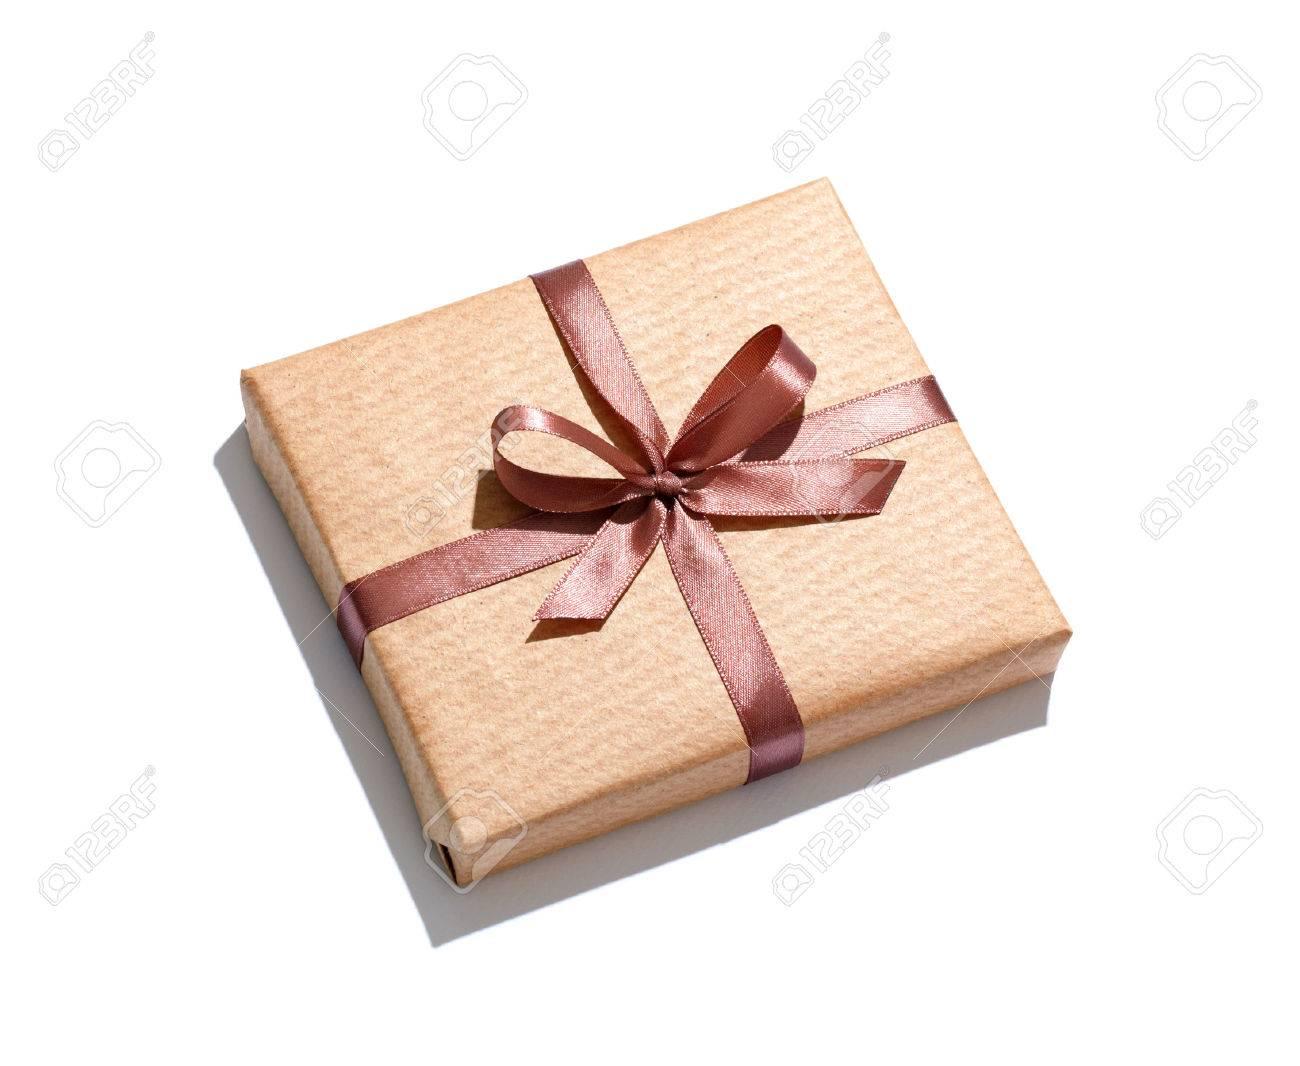 Coffret cadeau Artisanat isolé sur fond blanc.